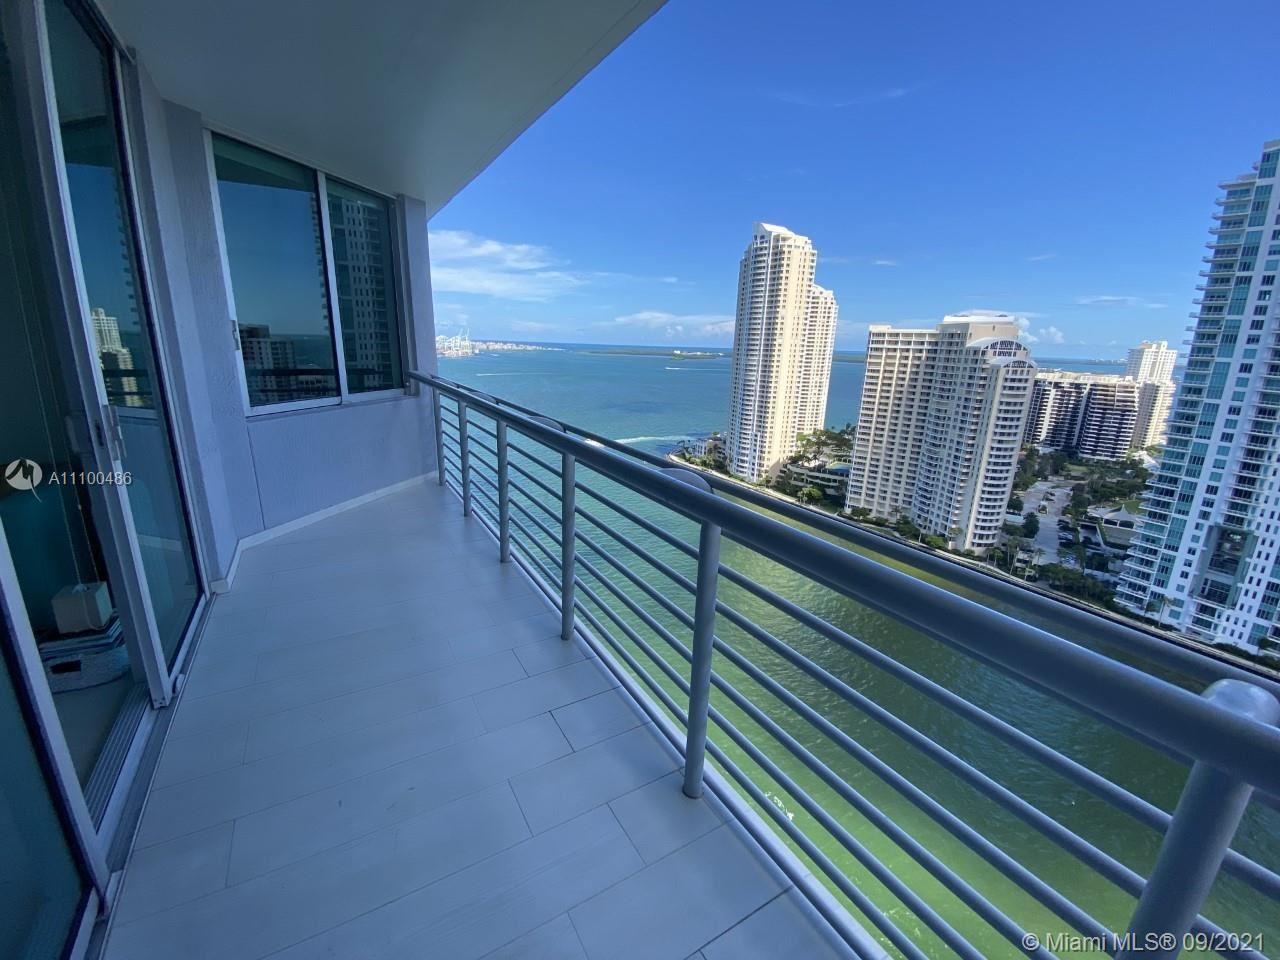 325 S Biscayne Blvd #2921, Miami, FL 33131 - #: A11100486